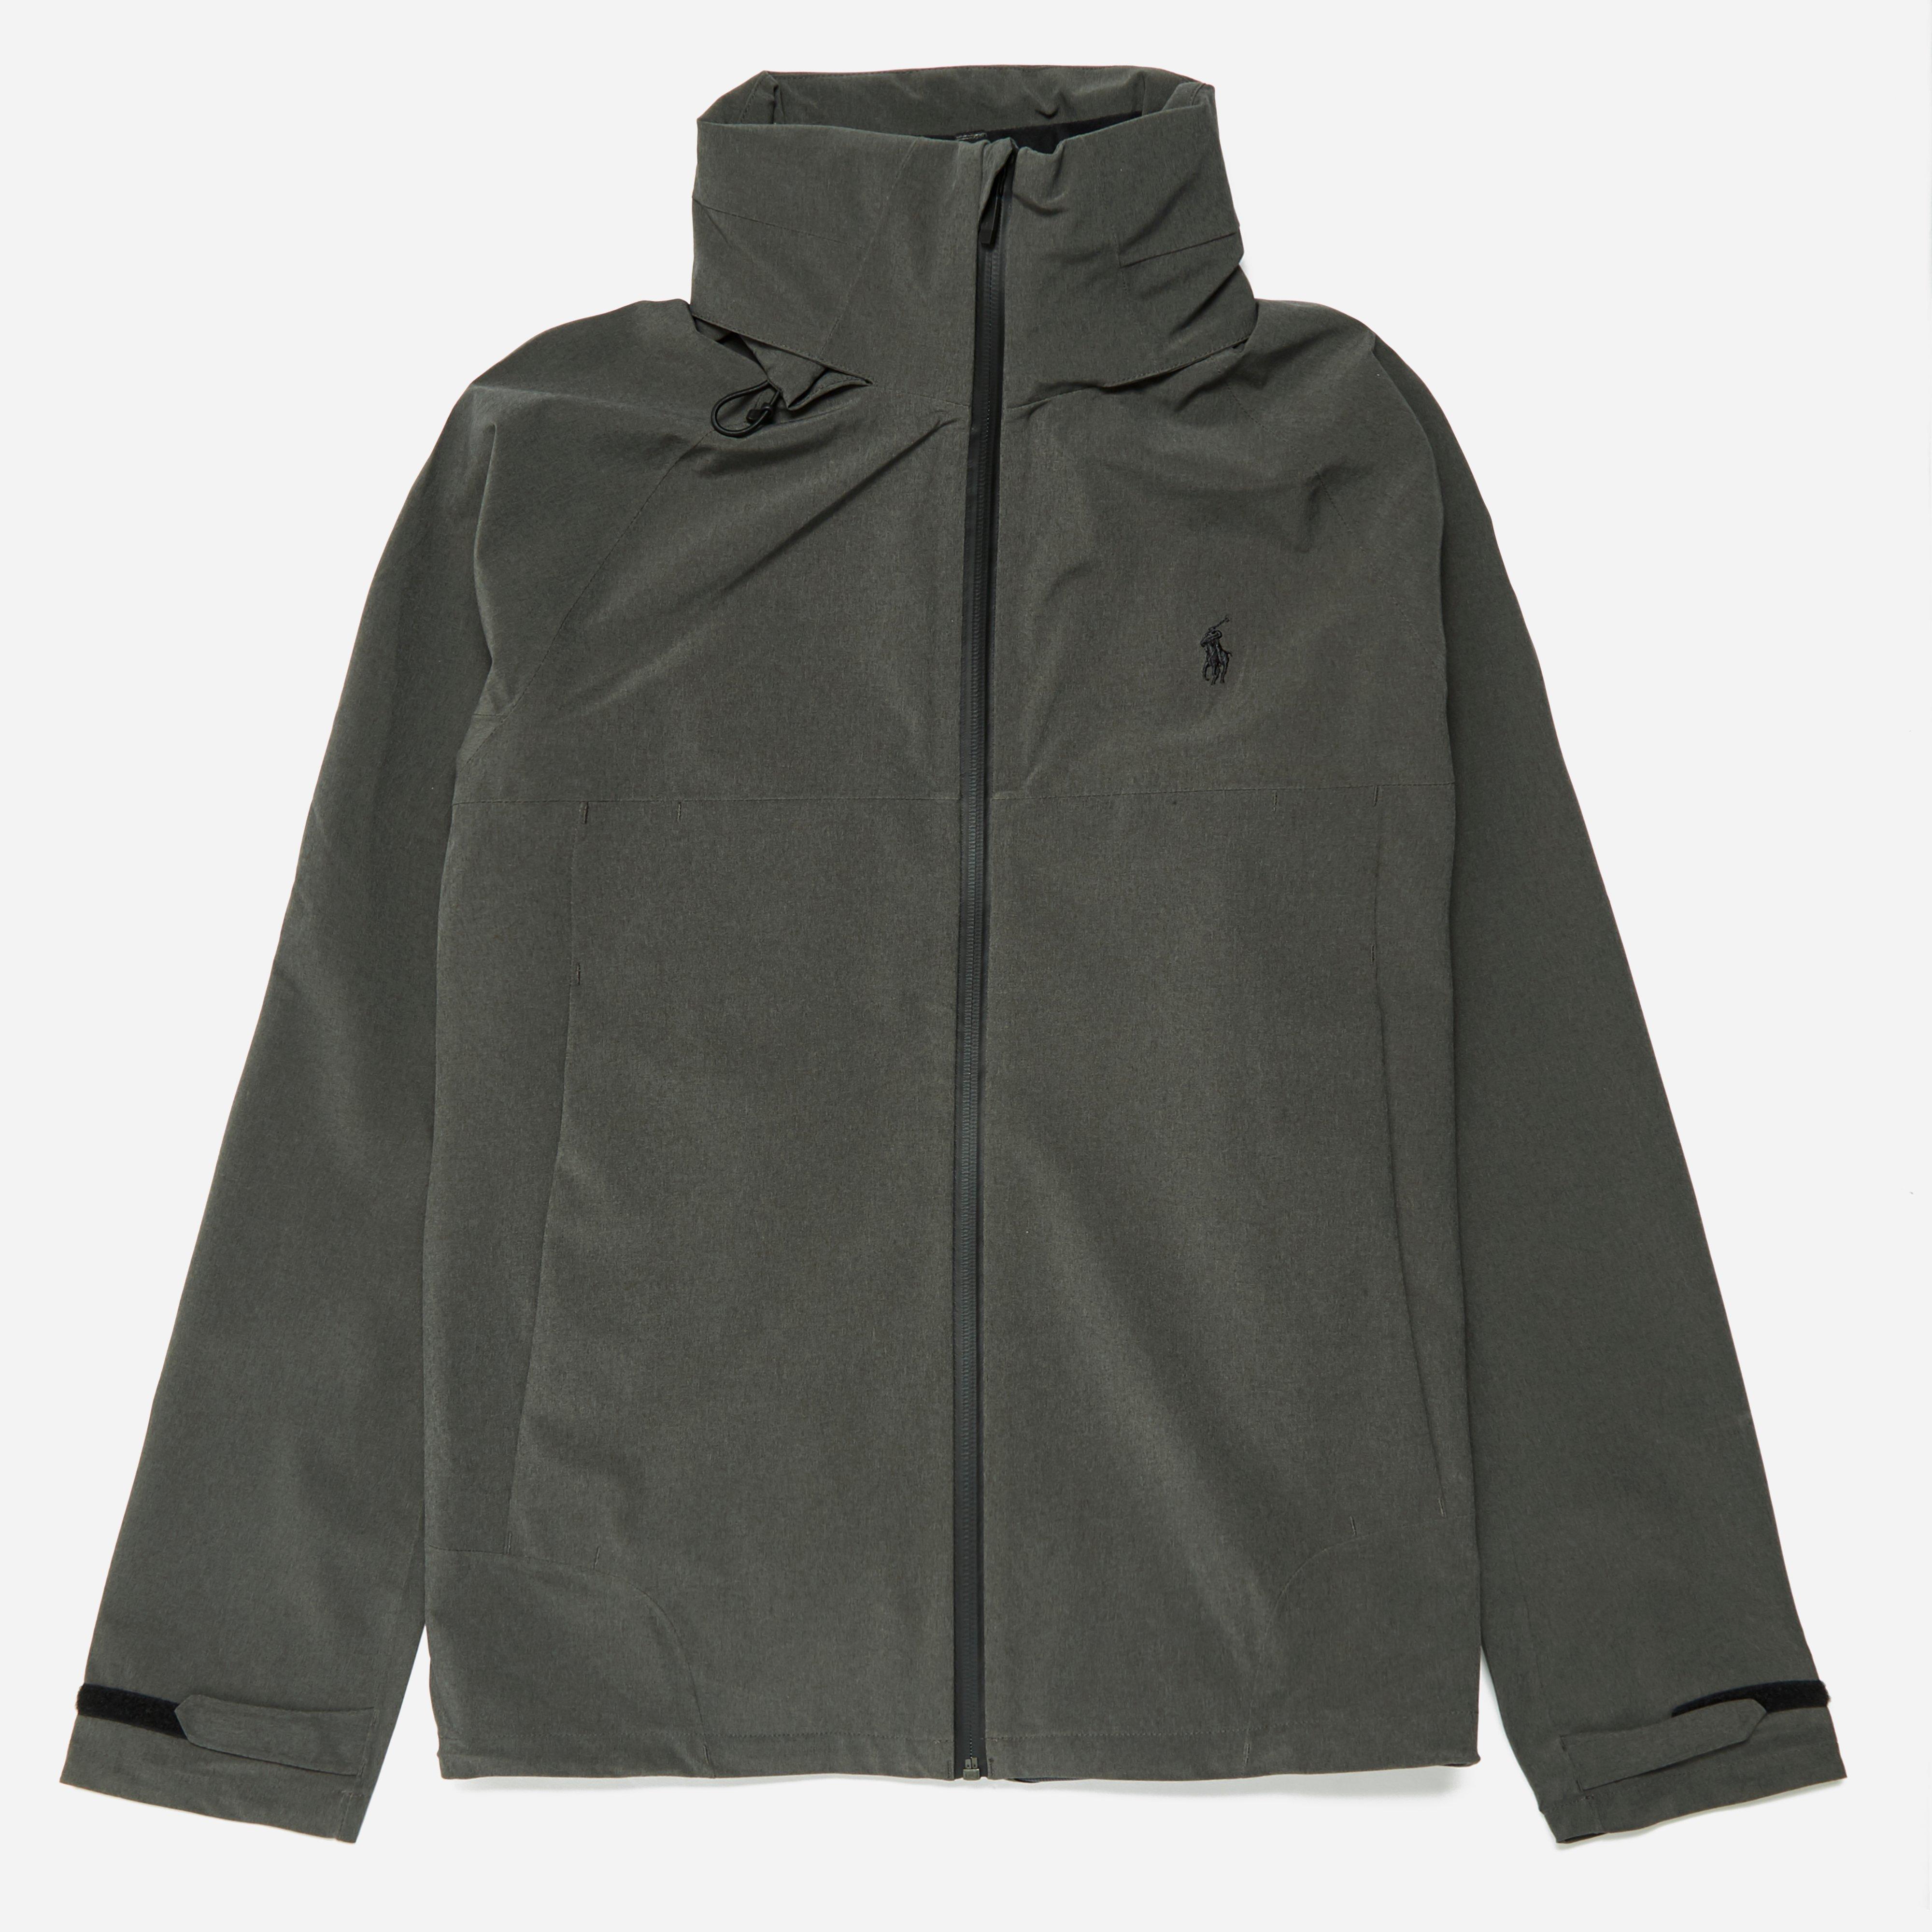 Polo Ralph Lauren Repel Jacket